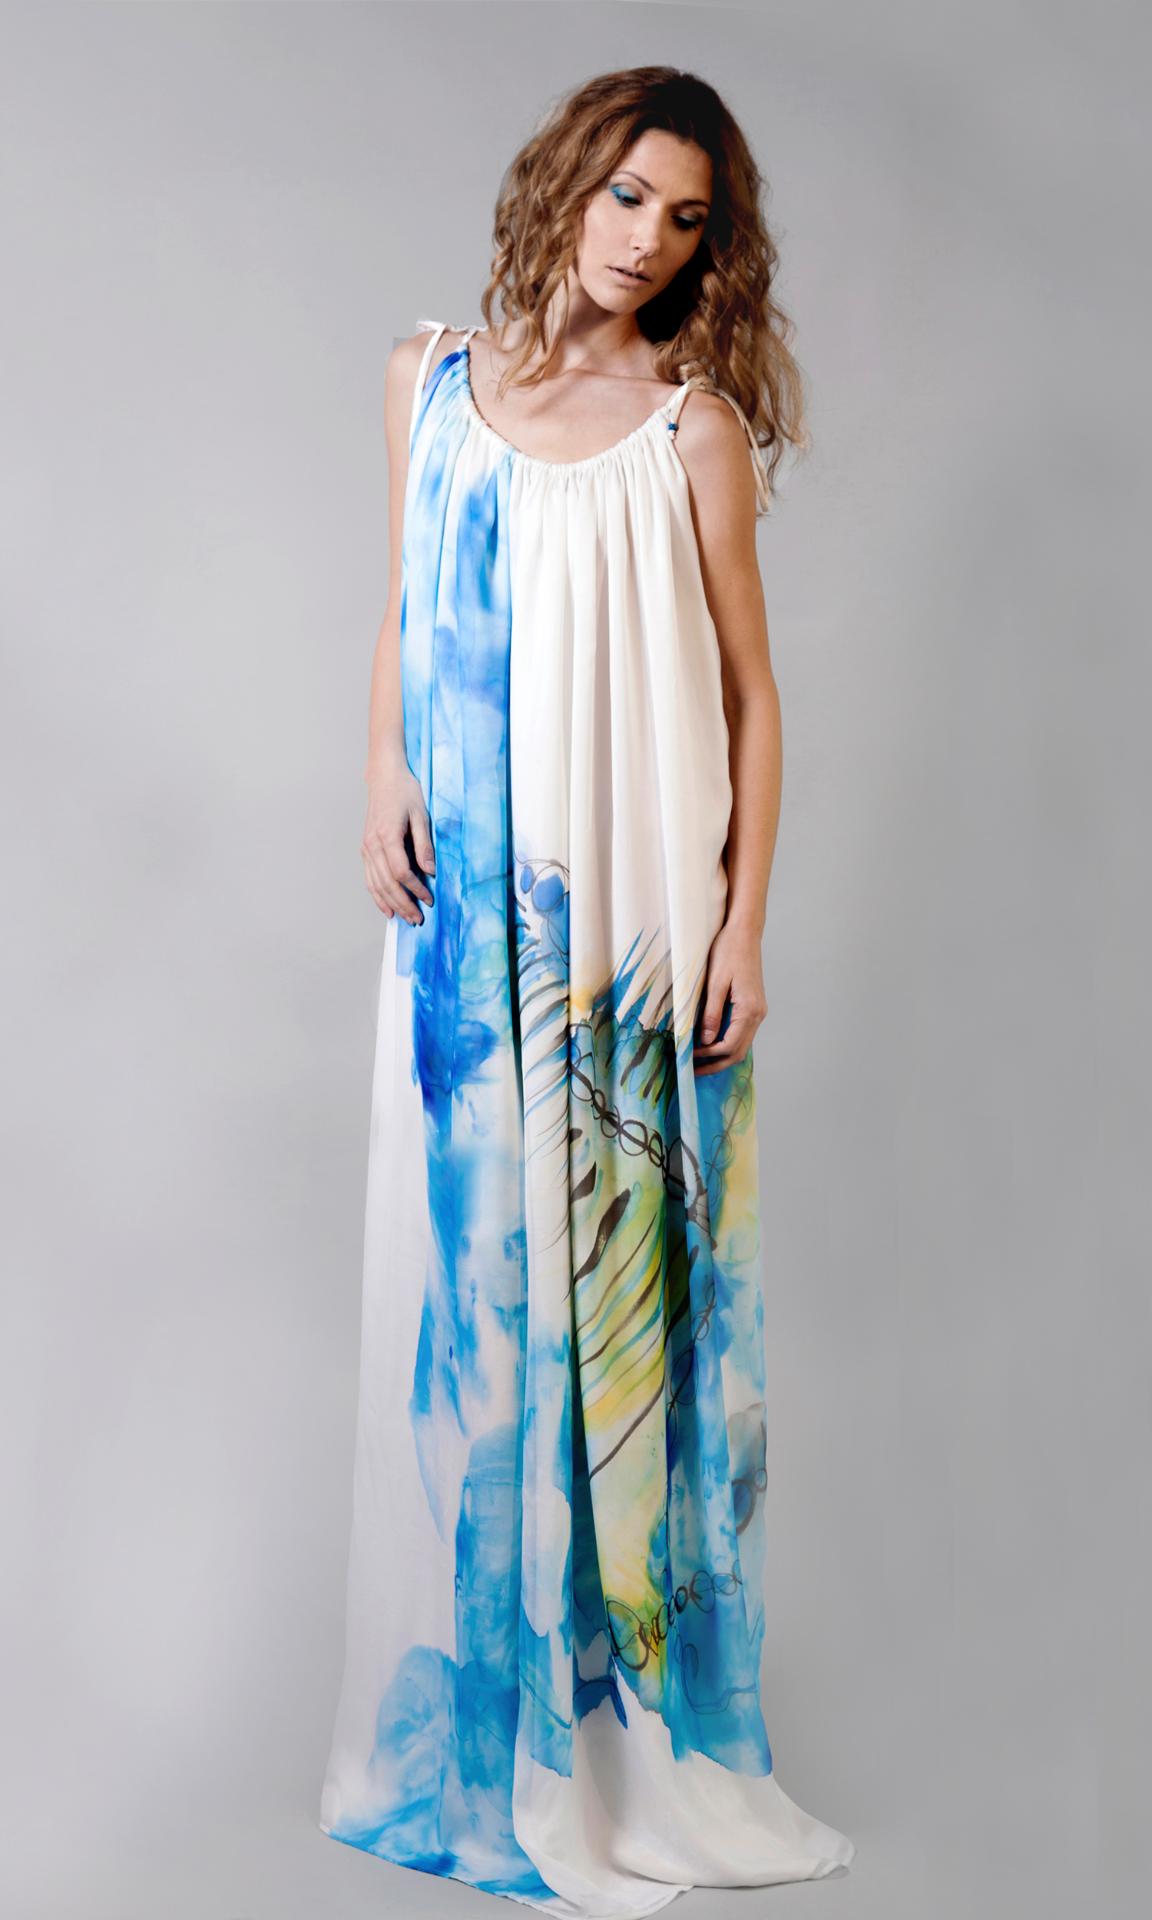 Aqua by aqua web maxi dress